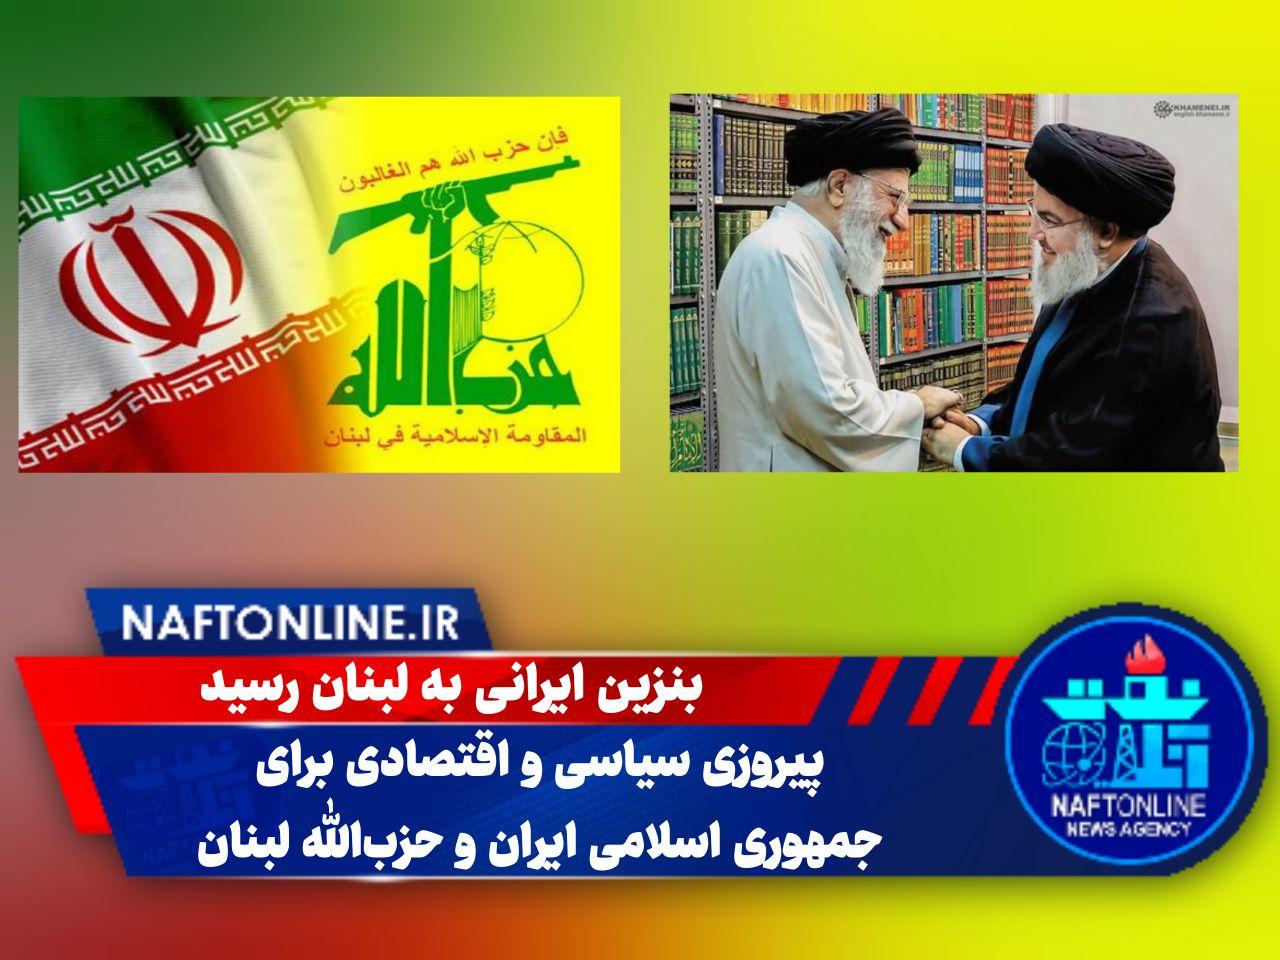 پیروزی بزرگ برای ایران و حزب الله   بنزین ایرانی به لبنان رسید   نفت آنلاین